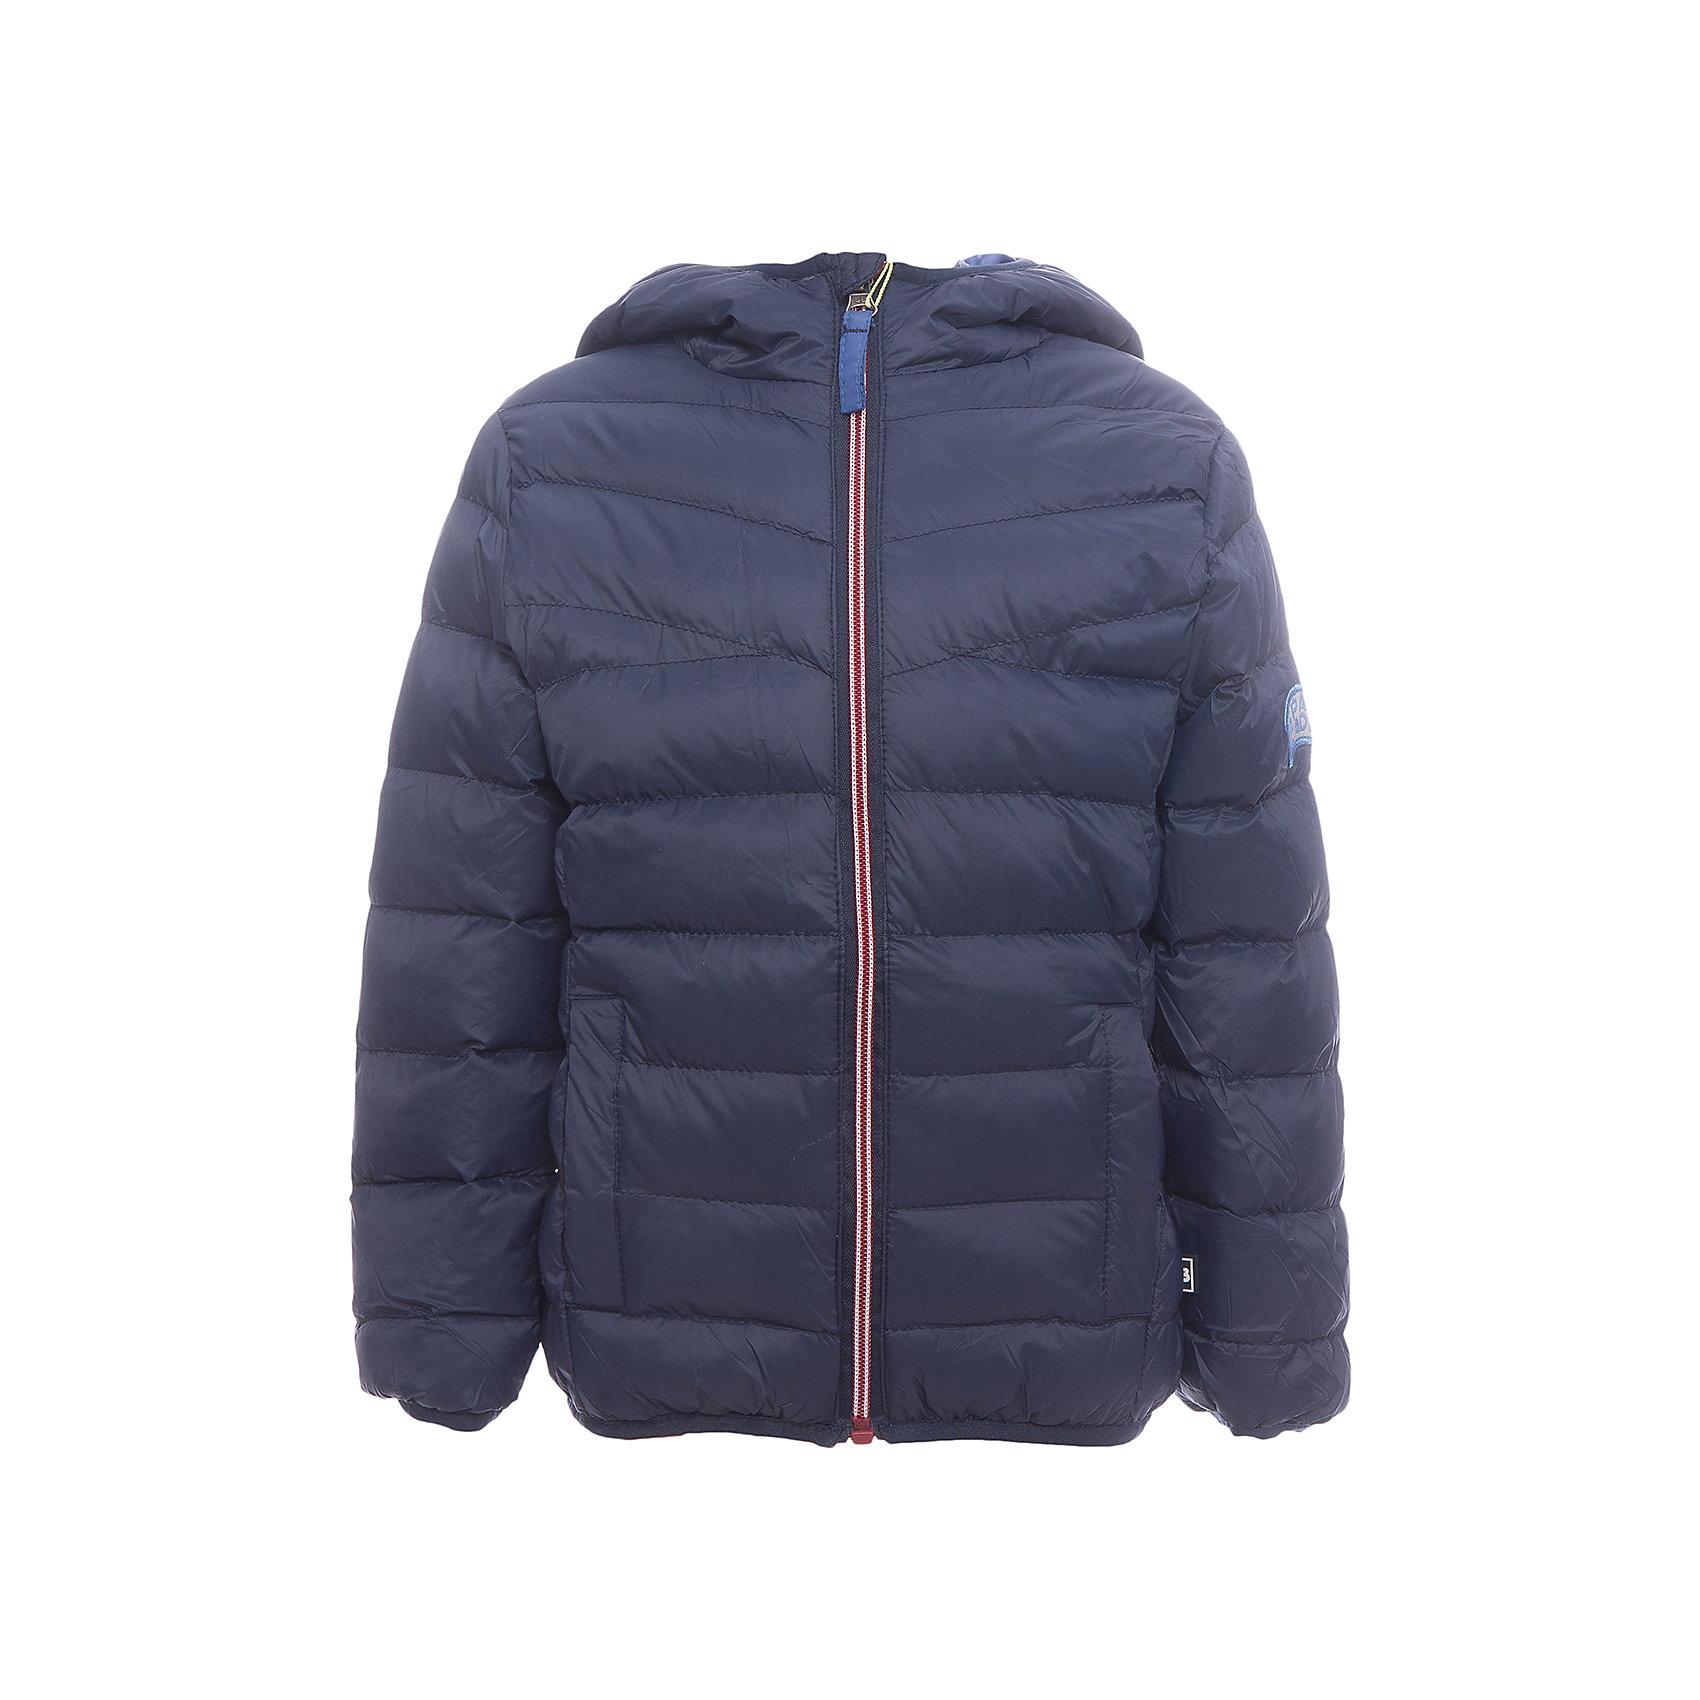 Куртка Sweet Berry для мальчикаВерхняя одежда<br>Куртка Sweet Berry для мальчика<br>Модная стеганая куртка с несъемным капюшоном для мальчика. Два прорезных кармана. Капюшон, рукава и низ изделия оформлены контрастной окантовочной резинкой. Куртка застегивается на молнию.<br>Состав:<br>Верх: 100% нейлон Подкладка: 100% полиэстер Наполнитель 100% полиэстер<br><br>Ширина мм: 356<br>Глубина мм: 10<br>Высота мм: 245<br>Вес г: 519<br>Цвет: синий<br>Возраст от месяцев: 84<br>Возраст до месяцев: 96<br>Пол: Мужской<br>Возраст: Детский<br>Размер: 128,98,104,110,116,122<br>SKU: 7094749